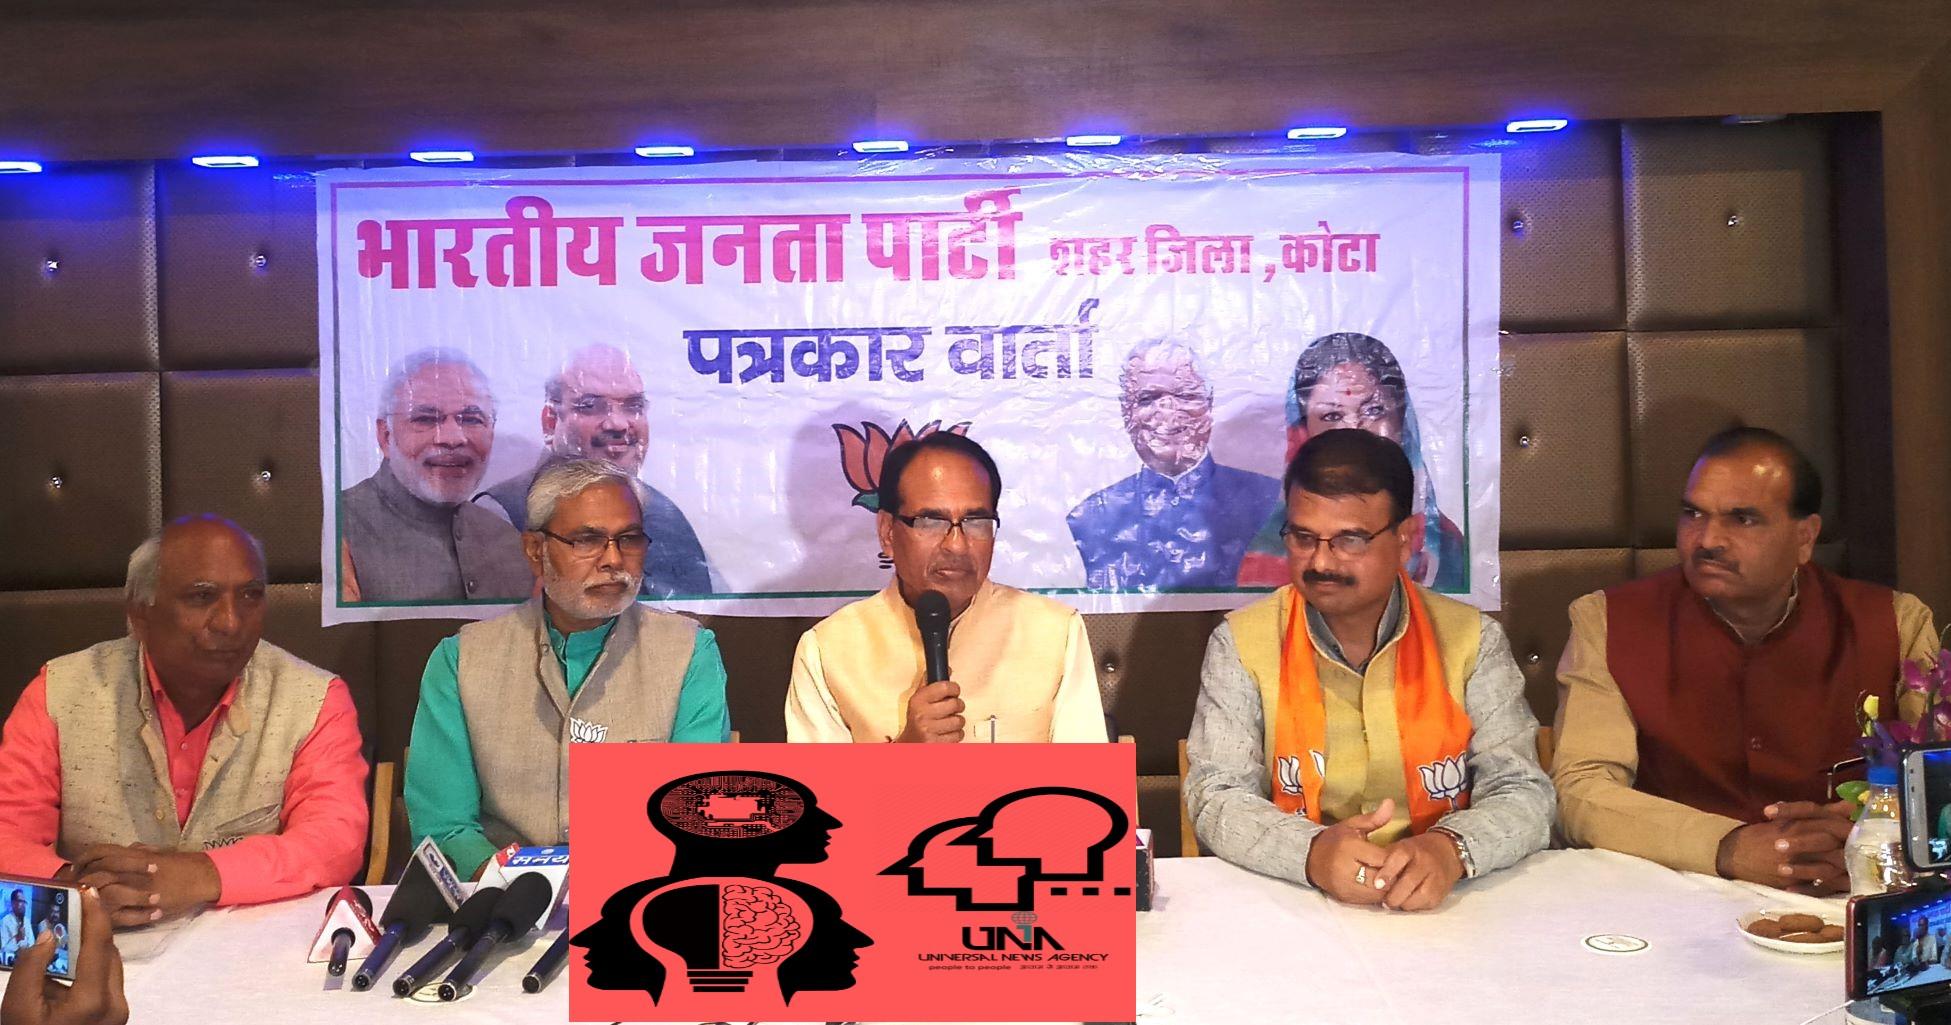 कोटा में मध्यप्रदेश के मुख्यमंत्री शिवराज सिंह चौहान की पत्रकारवार्ता एक ही खानदान की गुलाम पार्टी का नाम कांग्रेस है – शिवराज सिंह चौहान